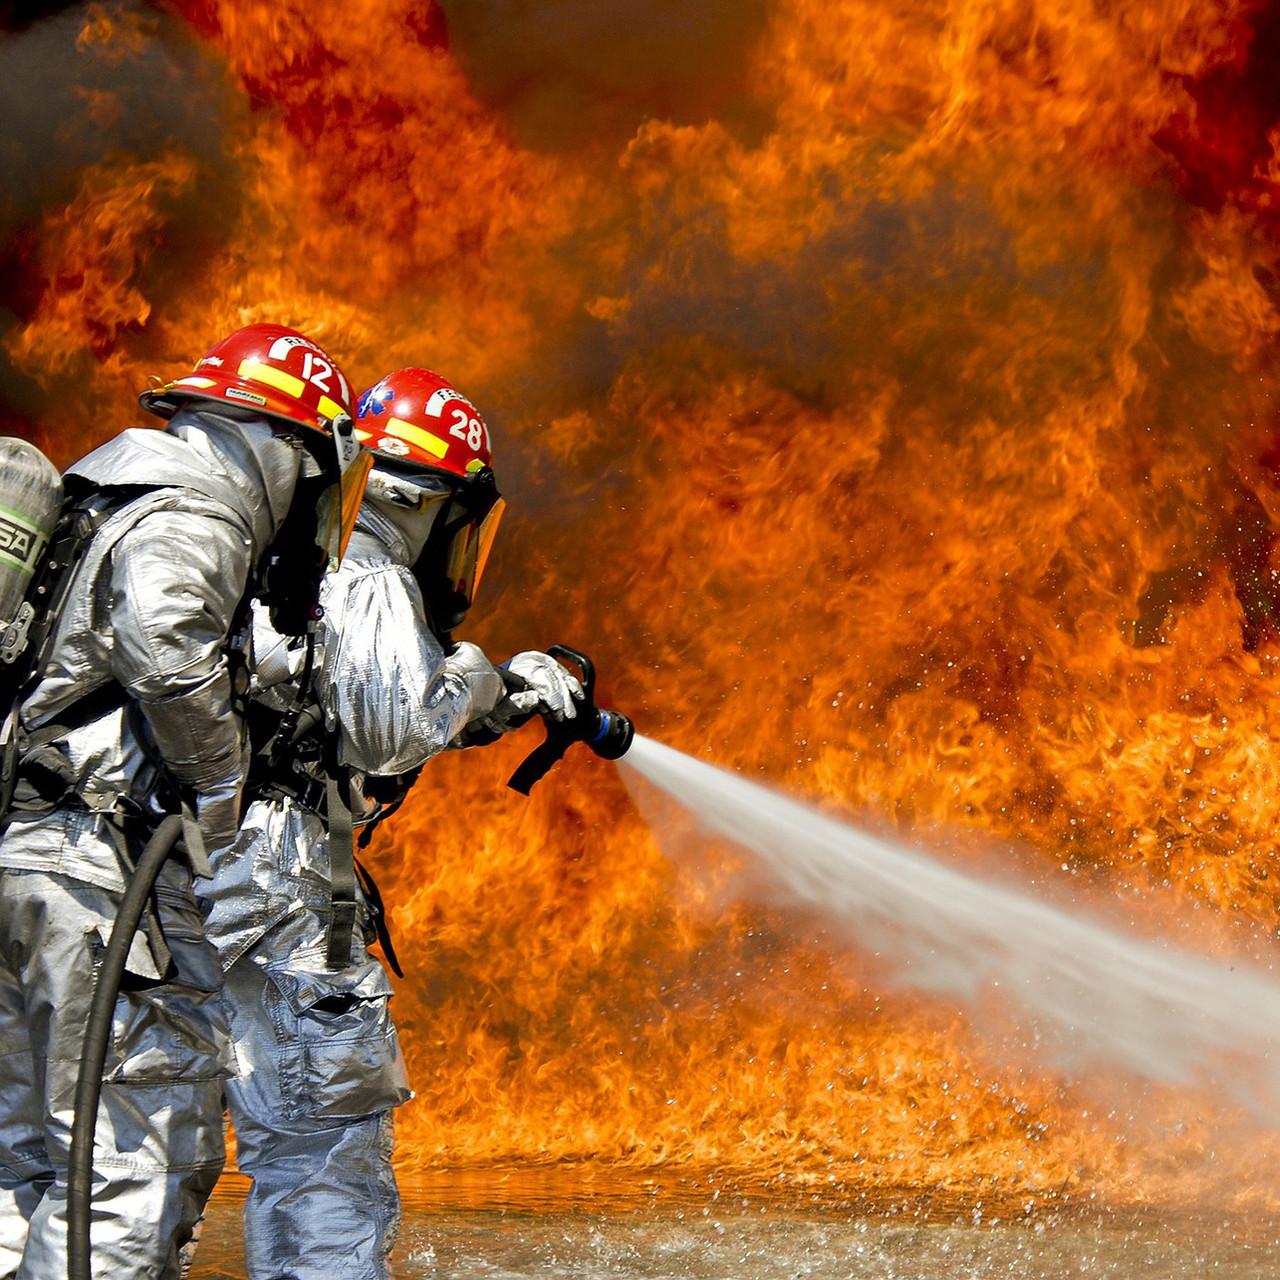 Аккредитация пожарной лаборатории